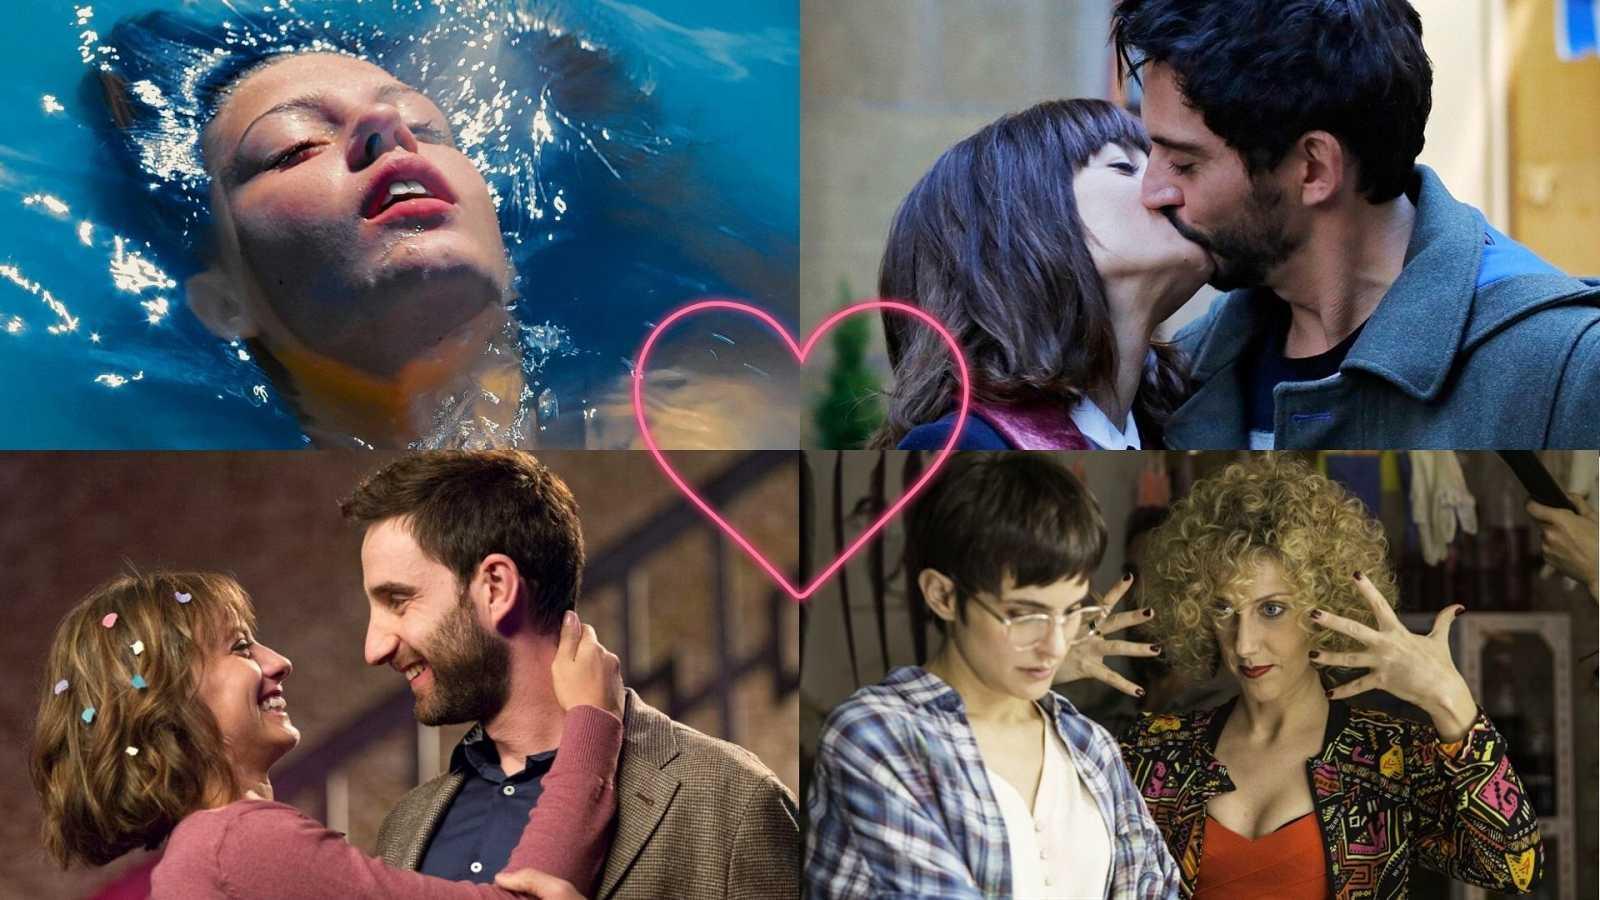 Pelicula porno que transcurre en un cu Cine Online Gratuito Para San Valentin Somos Cine